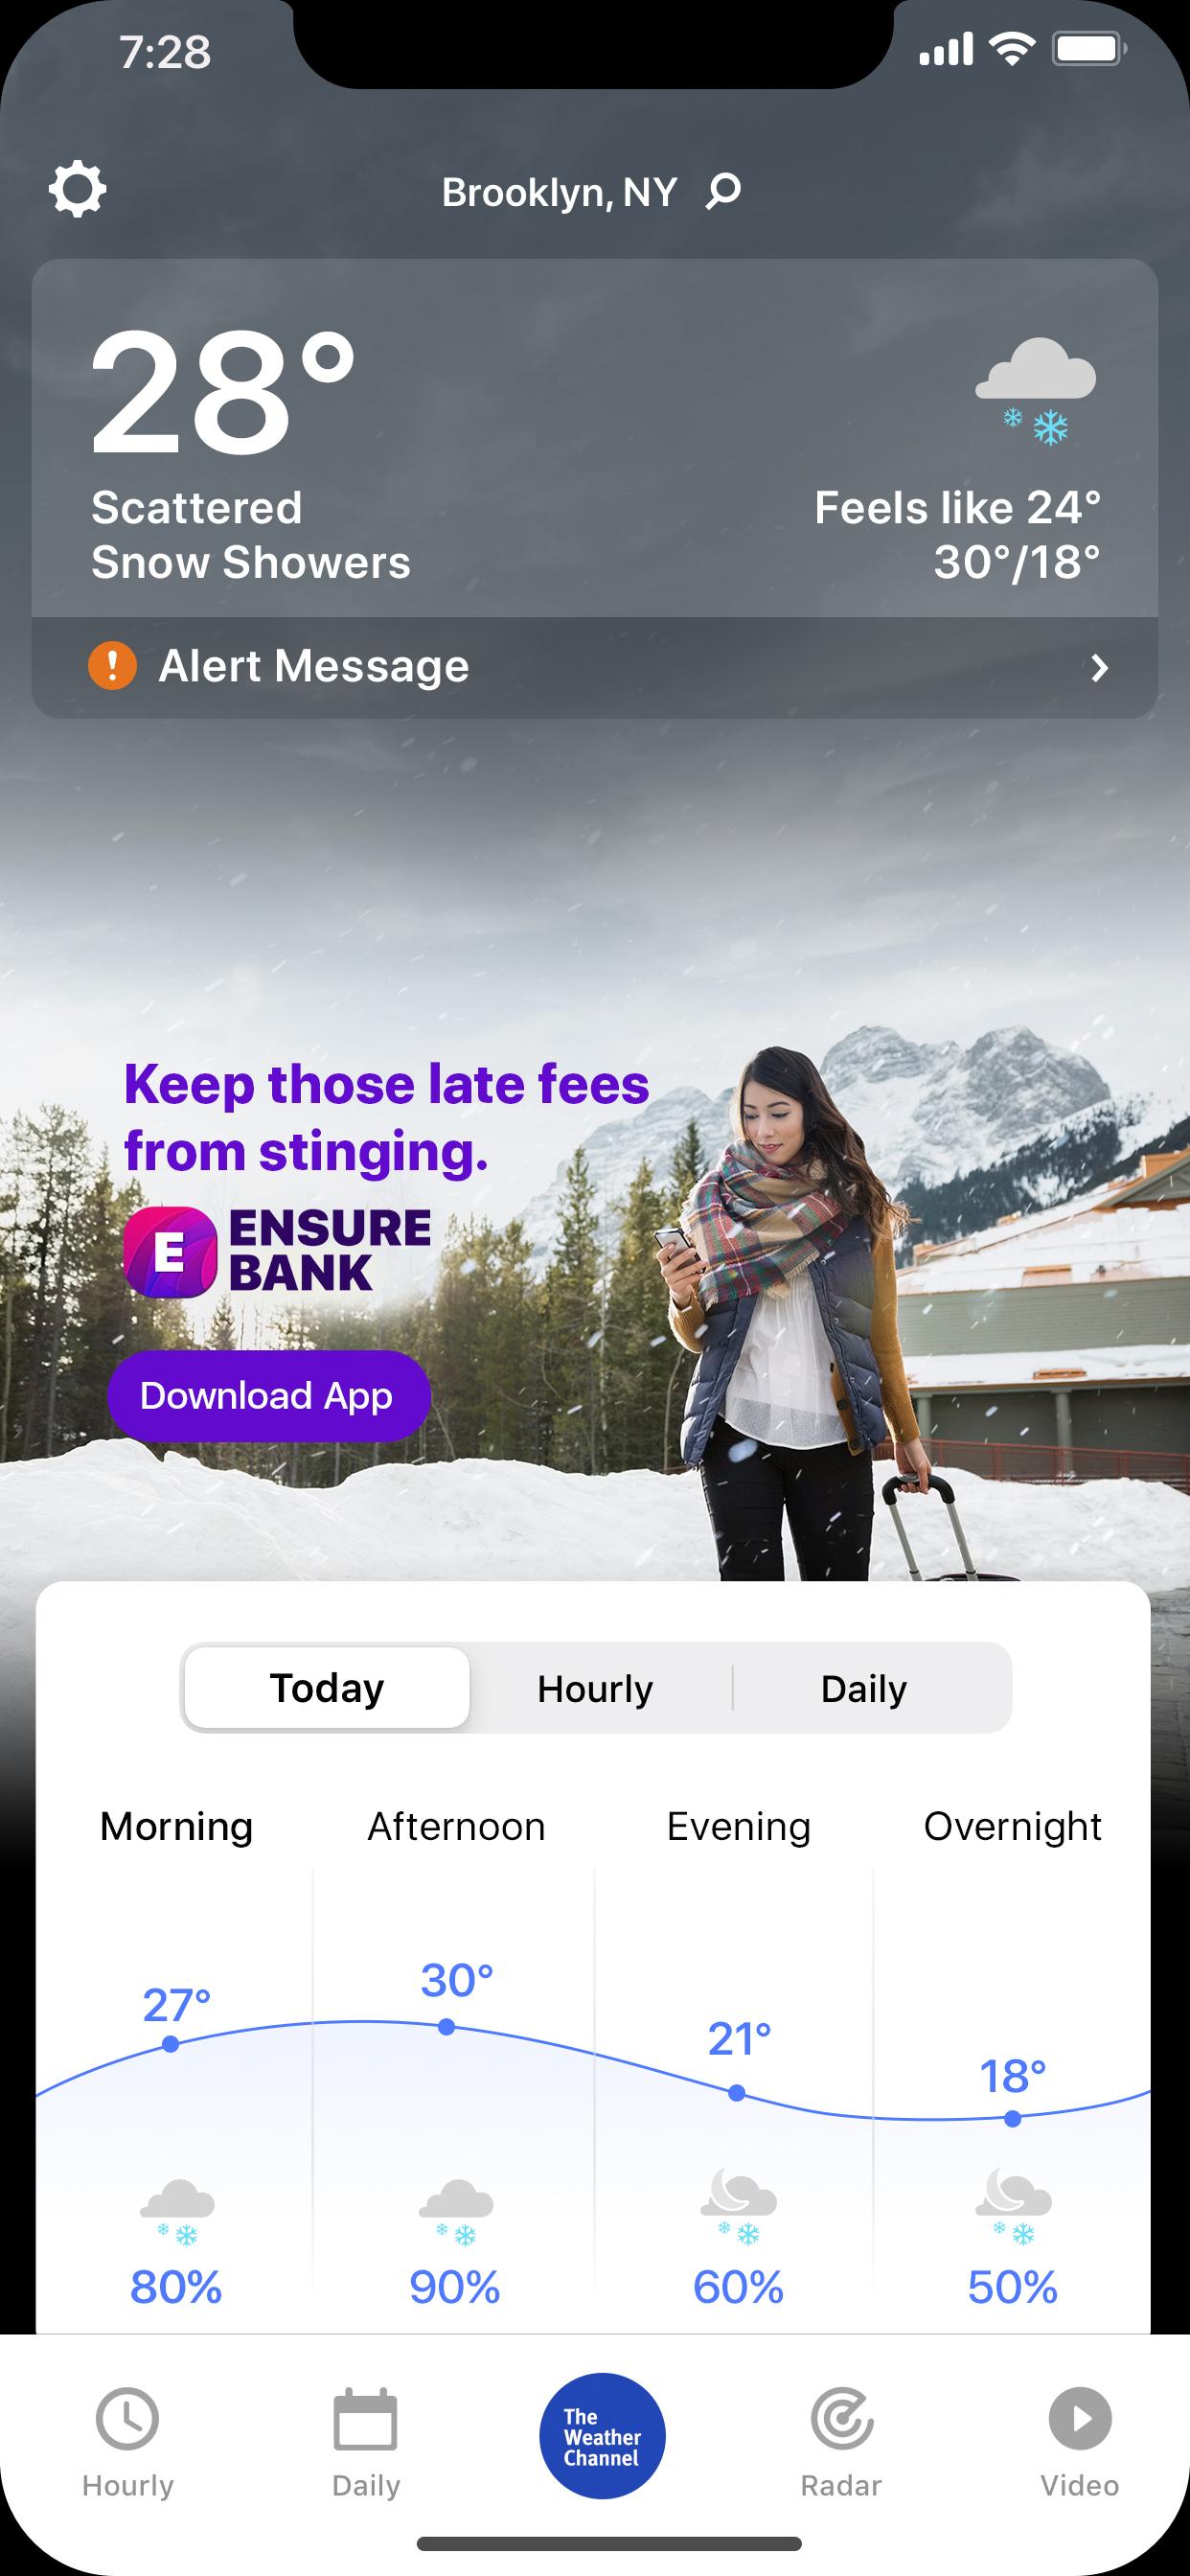 GenericBankApp_Mobile_App-IM_NextGen-Mock__Winter Day